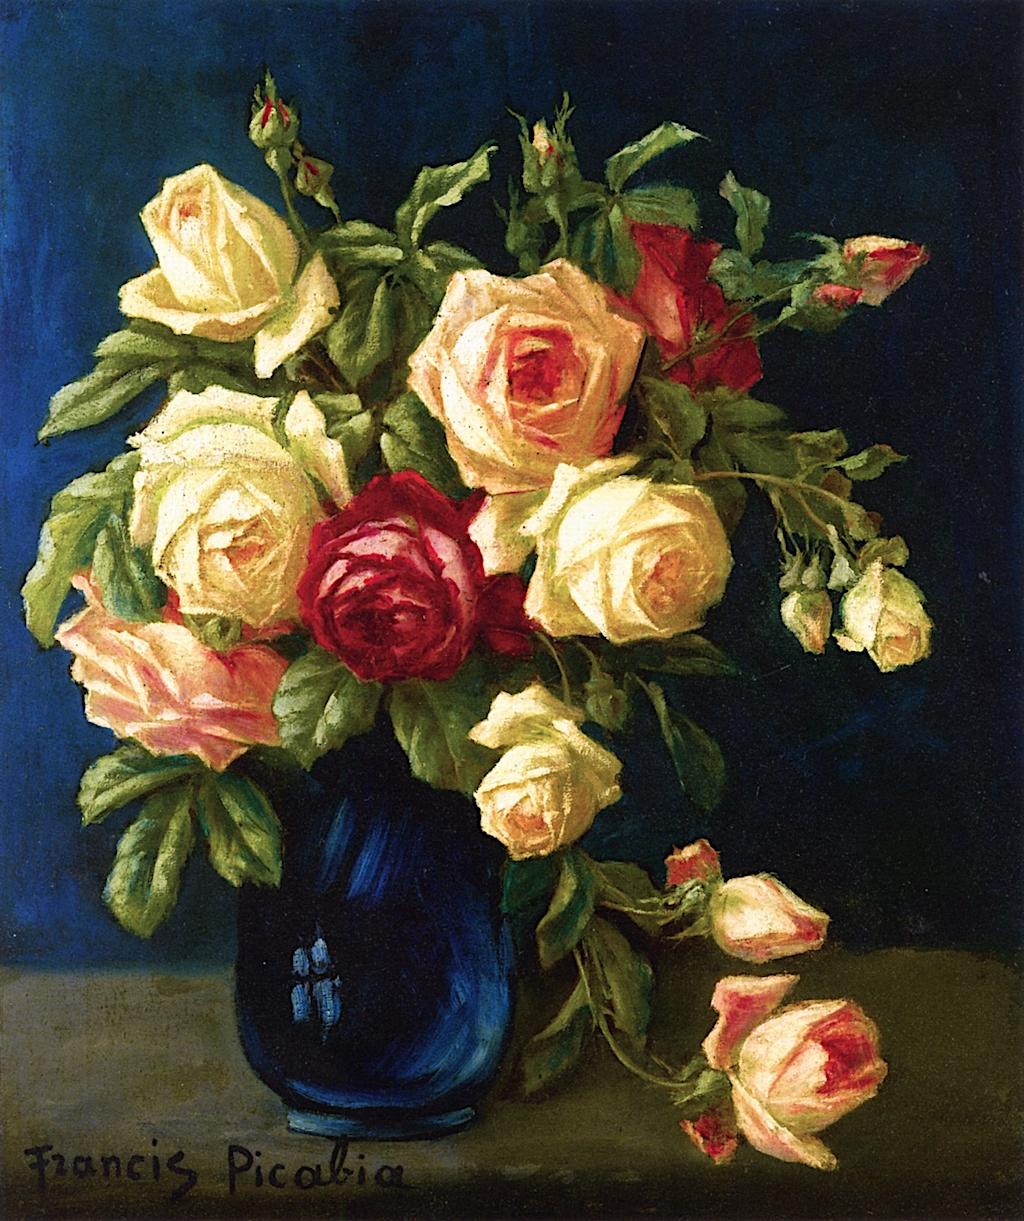 Живопись_Франсис-Пикабиа_Bouquet-of-Flowers-1898.jpg